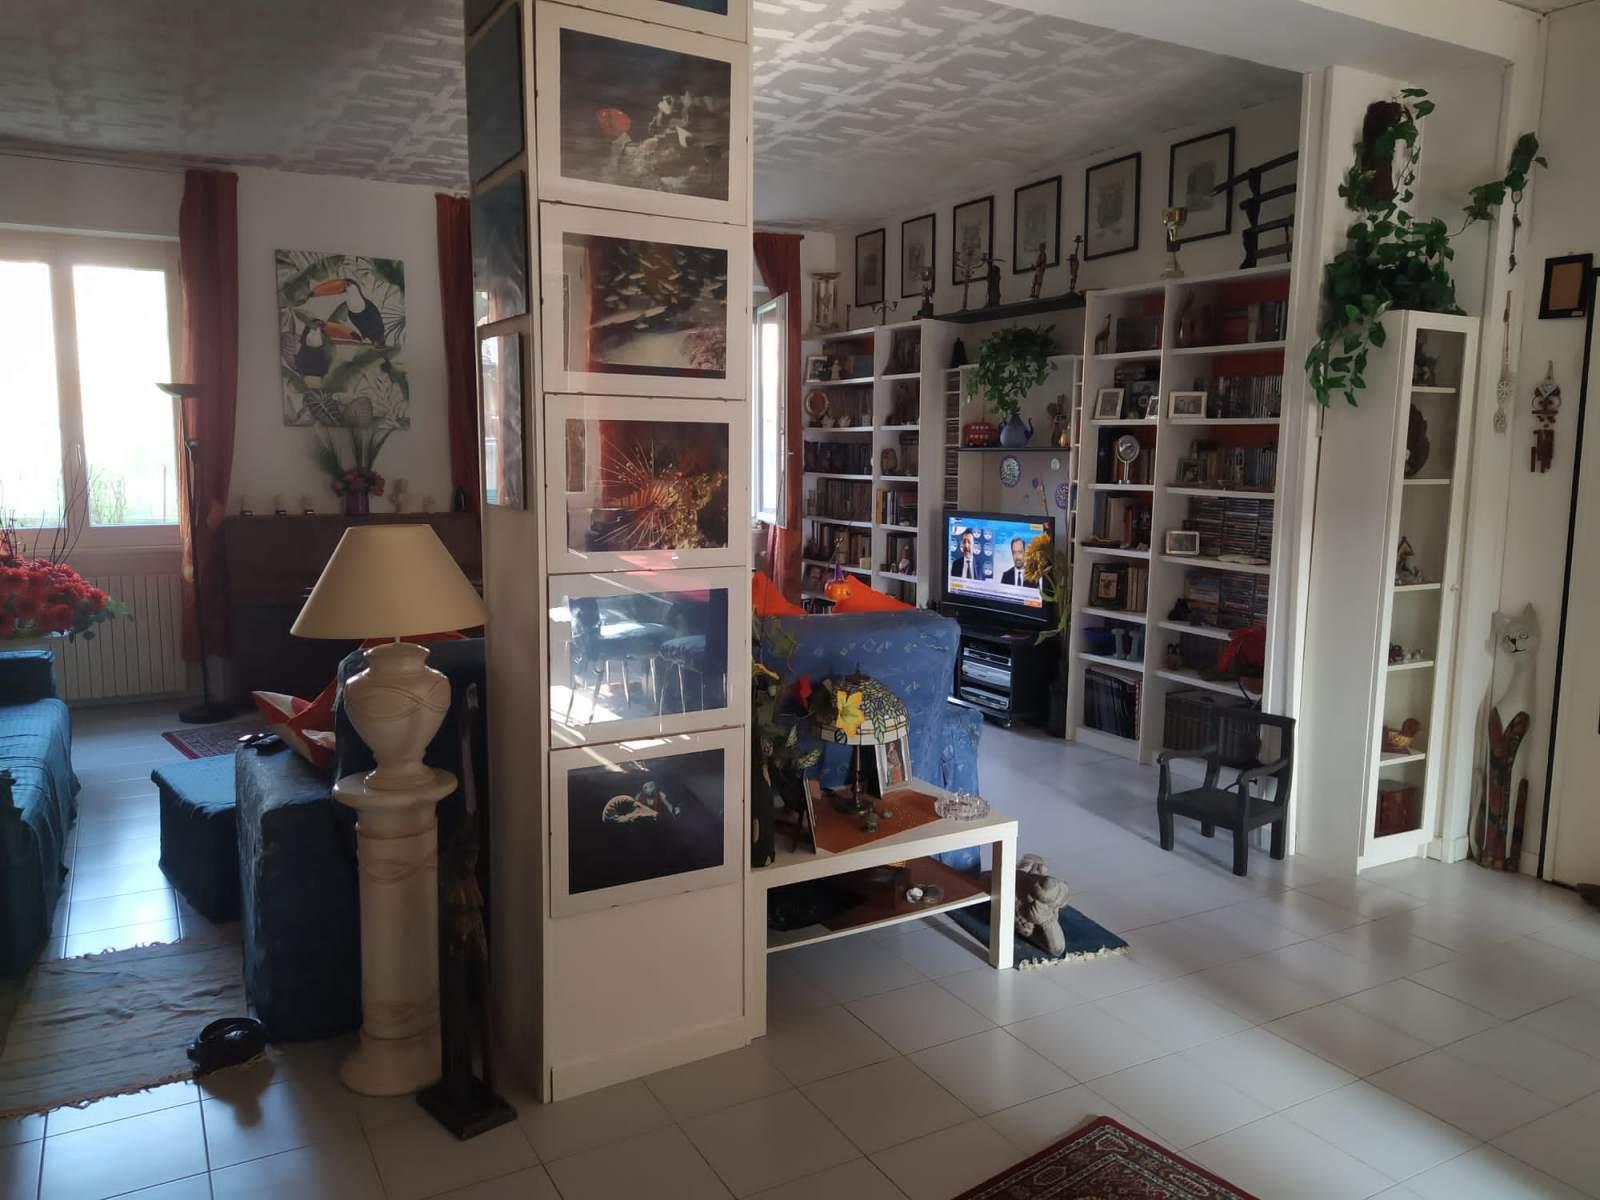 appartamento-in-vendita-a-milano-bagio-3-locali-via-cabella-spaziourbano-immobiliare-vende-3